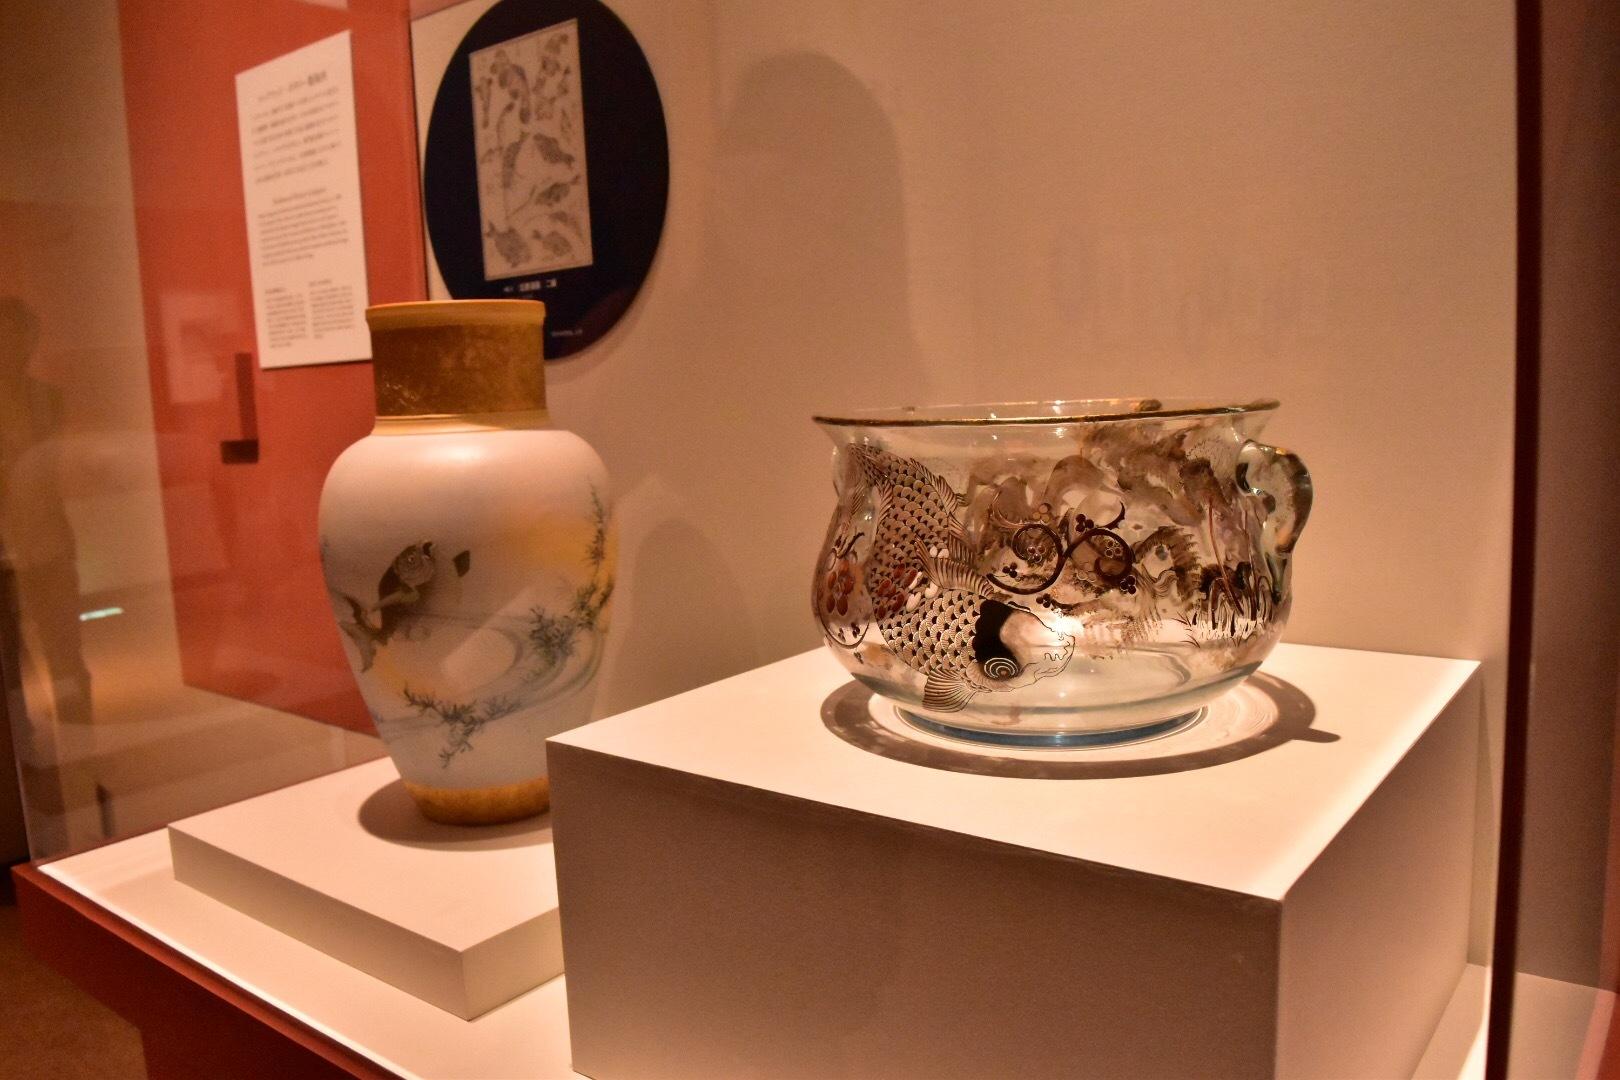 右:エミール・ガレ《双耳鉢:鯉》1878-90年 個人蔵  左奥:アルバート・ロバート・ヴァレンタイン(絵付)ルックウッド・ポタリー製陶所《花器:金魚》1885年 シンシナティ美術館